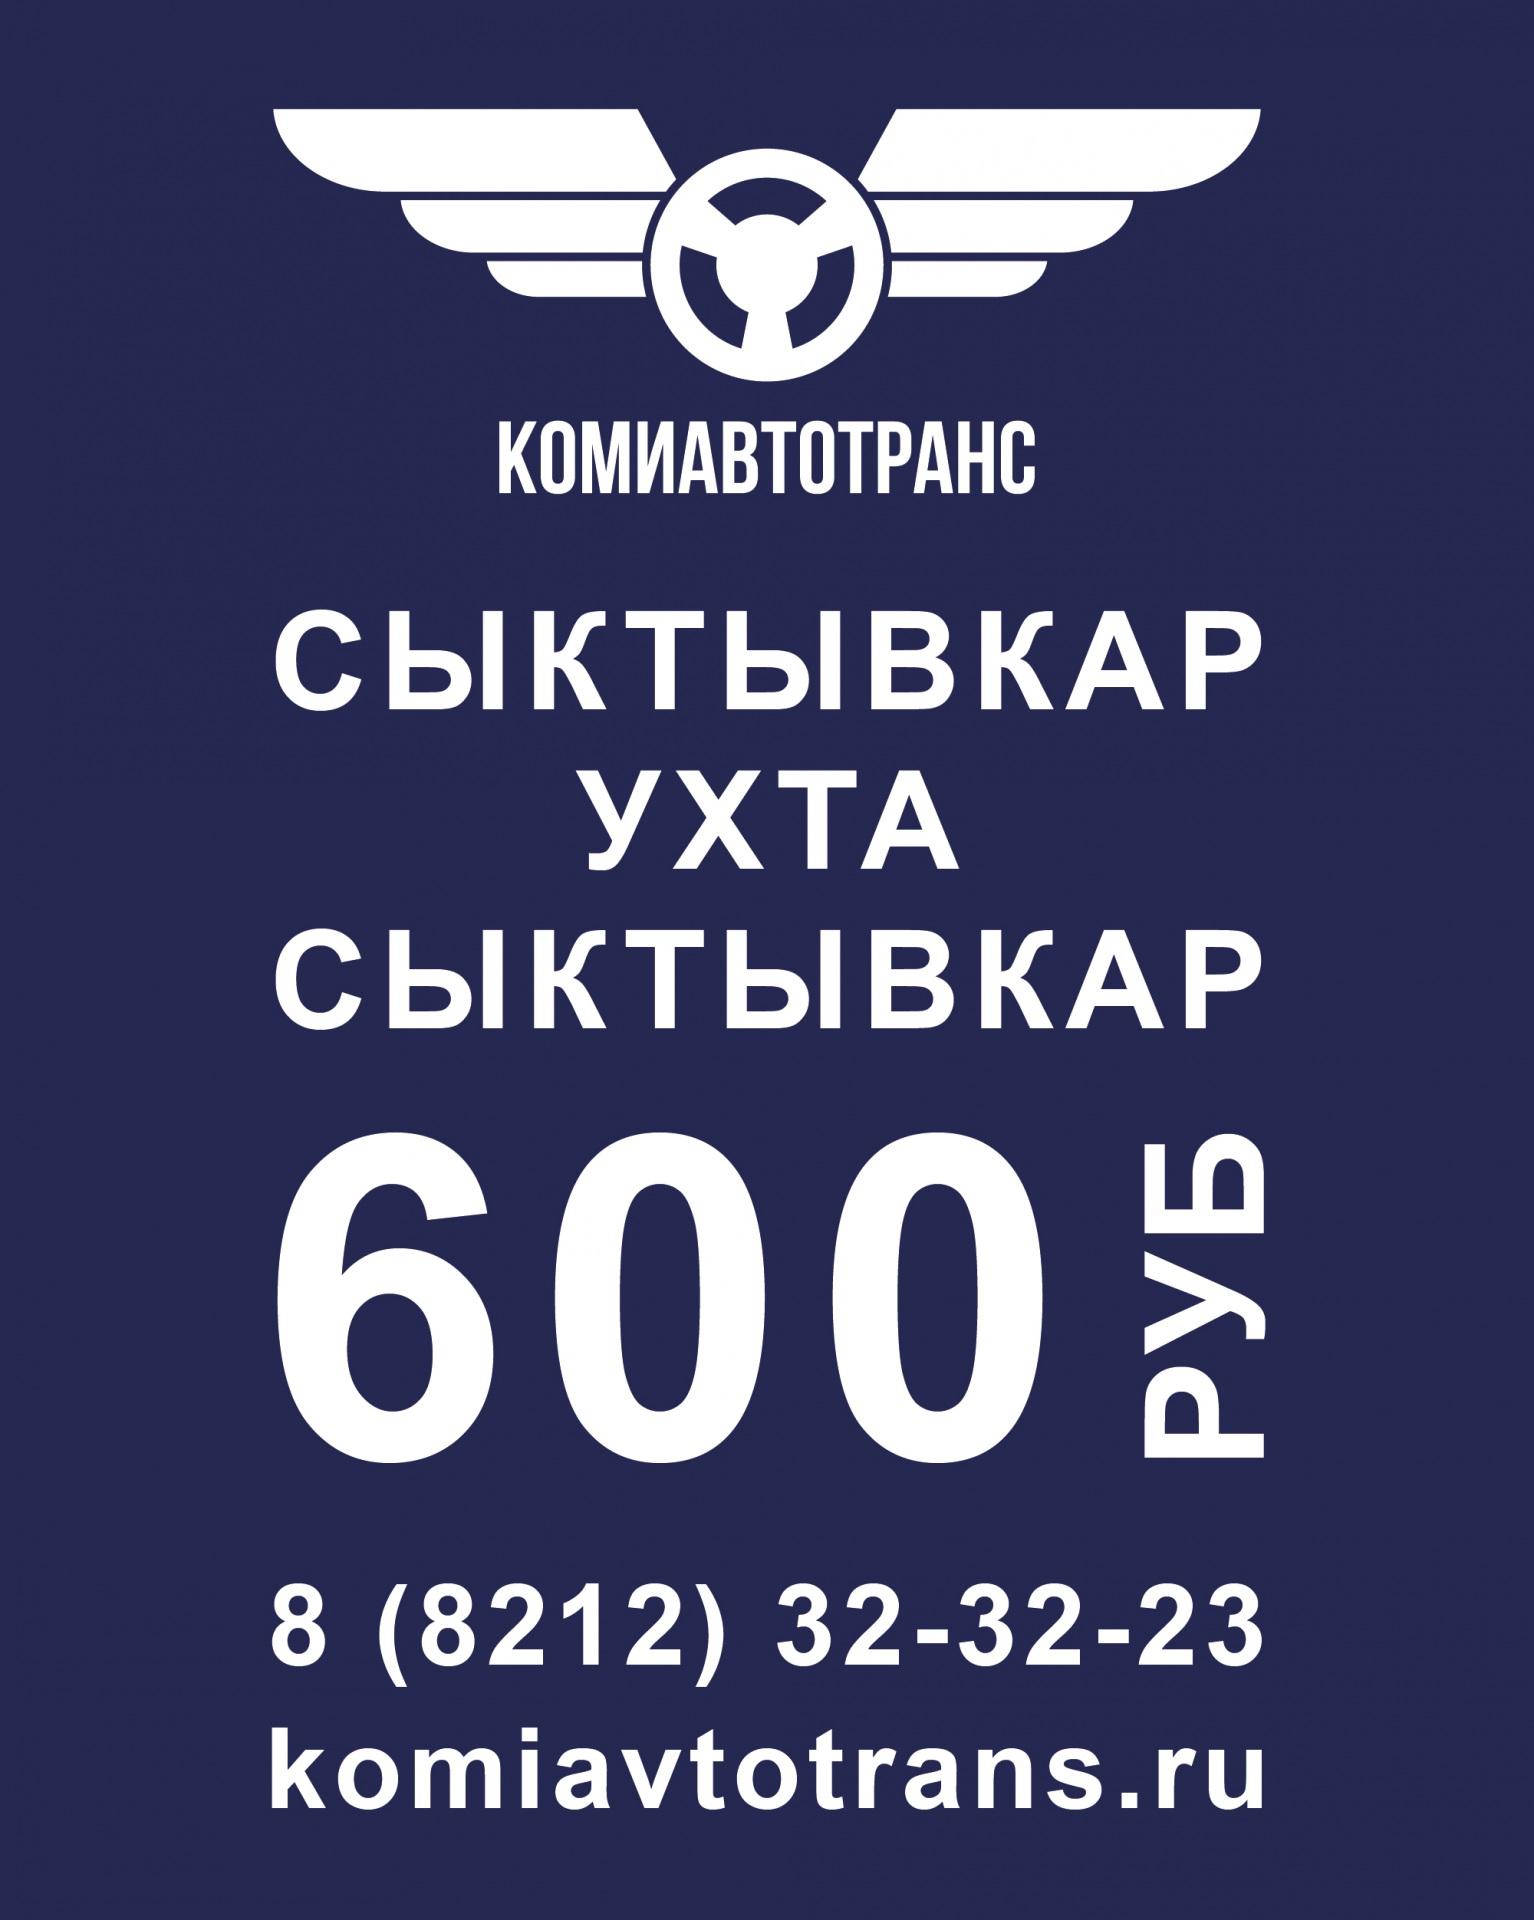 Maket-reklamy-reisa-dlya-postov-v-VK__Sykt-Uhta_Syk-za-600-rublei-01.jpg